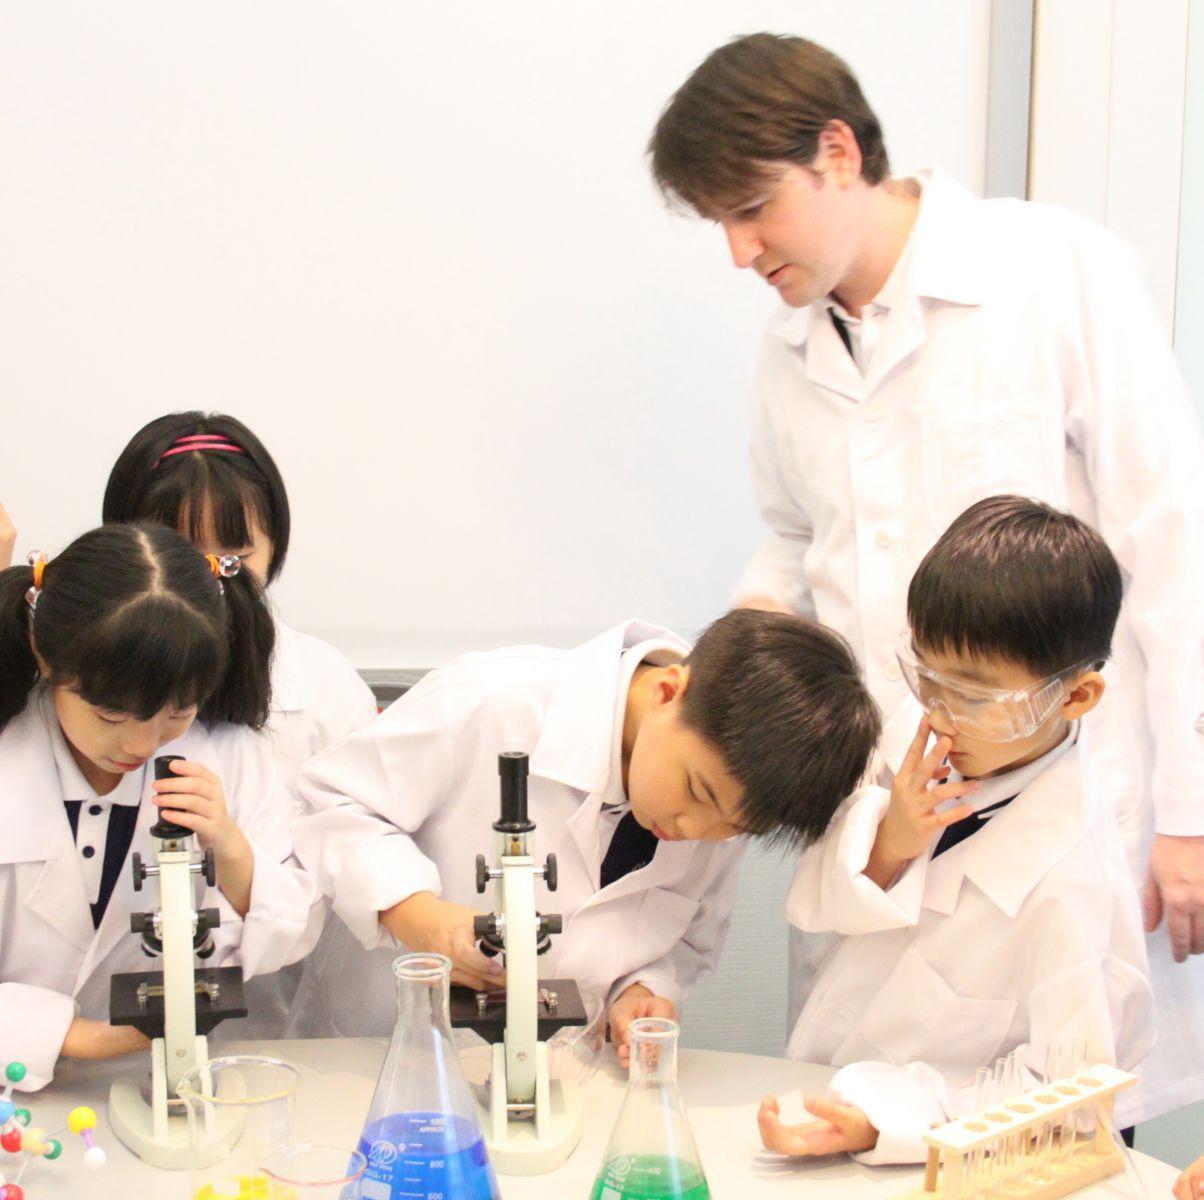 顯微鏡探索